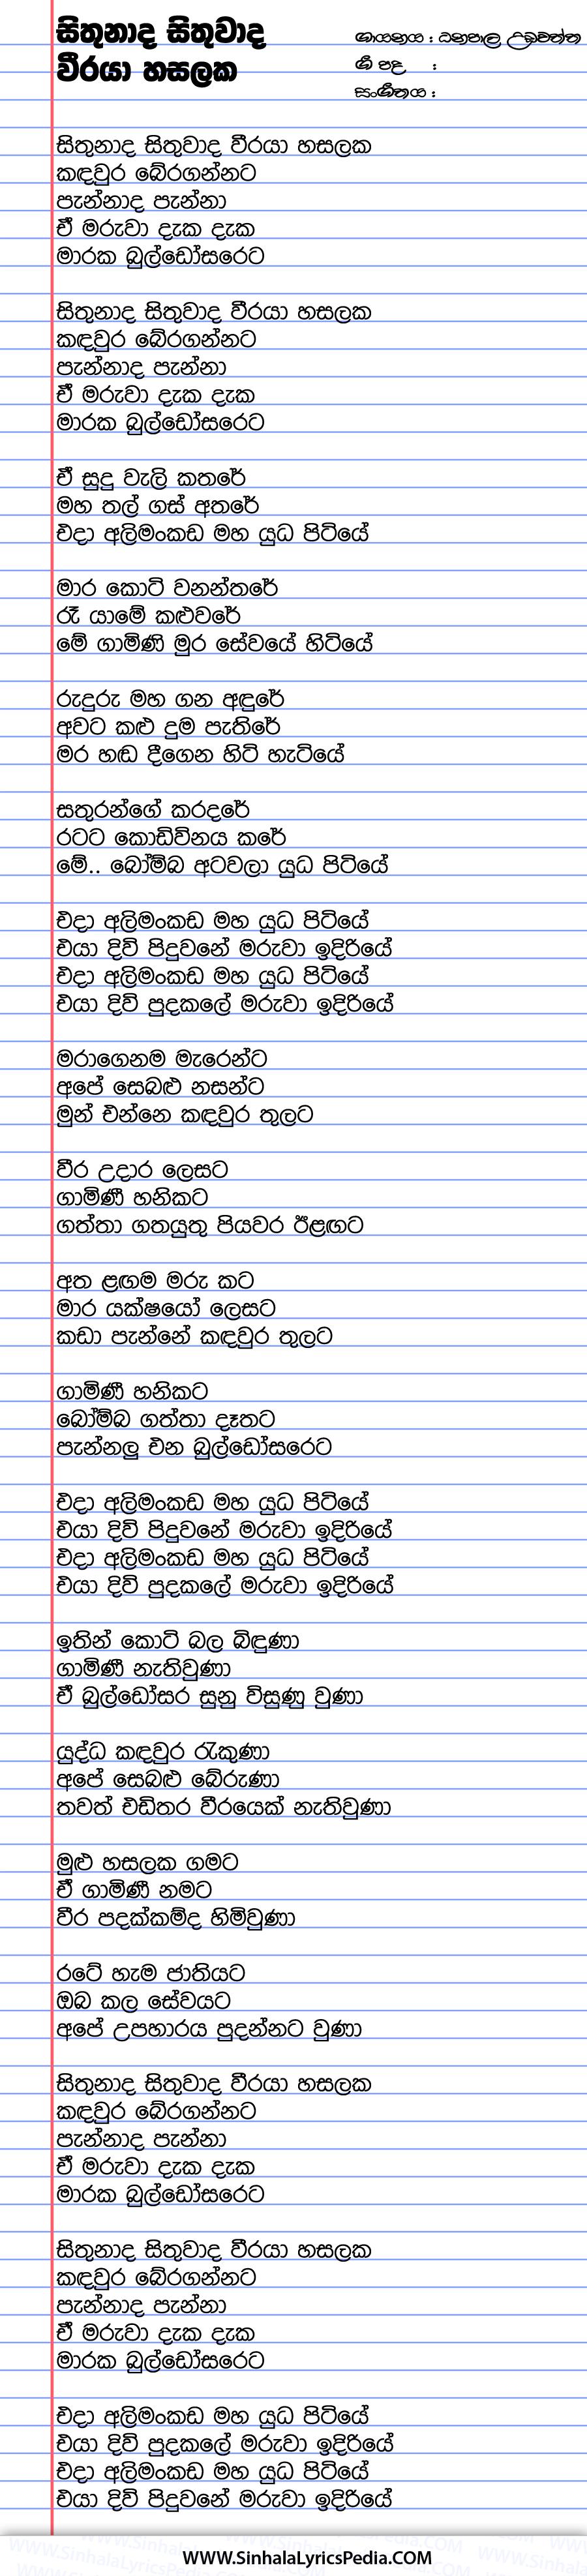 Sithunada Sithuwada Weeraya Hasalaka (Hasalaka Gamini) Song Lyrics